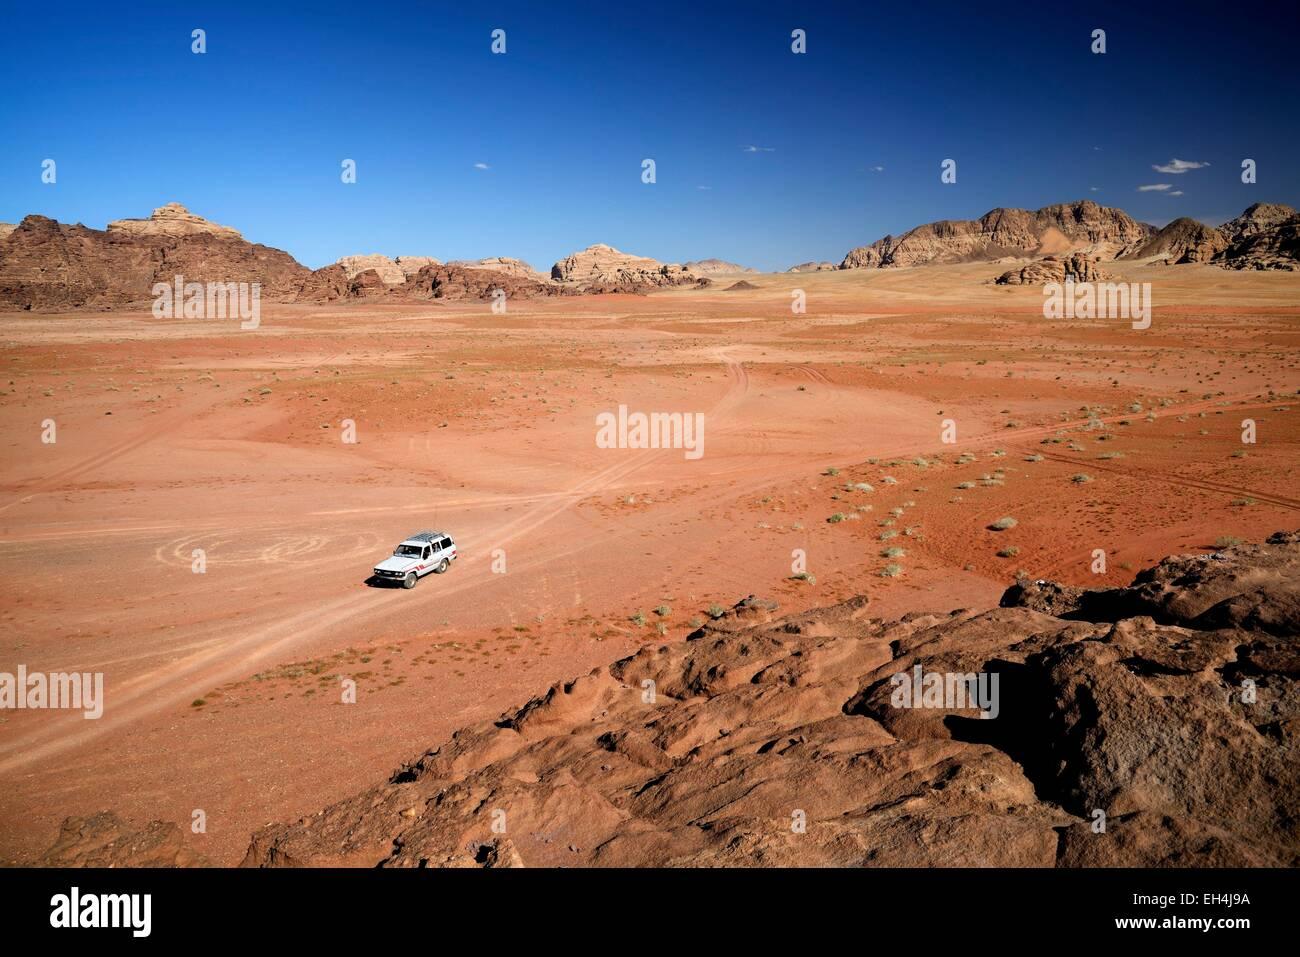 Giordania, Wadi Rum desert, area protetta elencati come patrimonio mondiale dall' UNESCO, auto, deserto di sabbia Immagini Stock